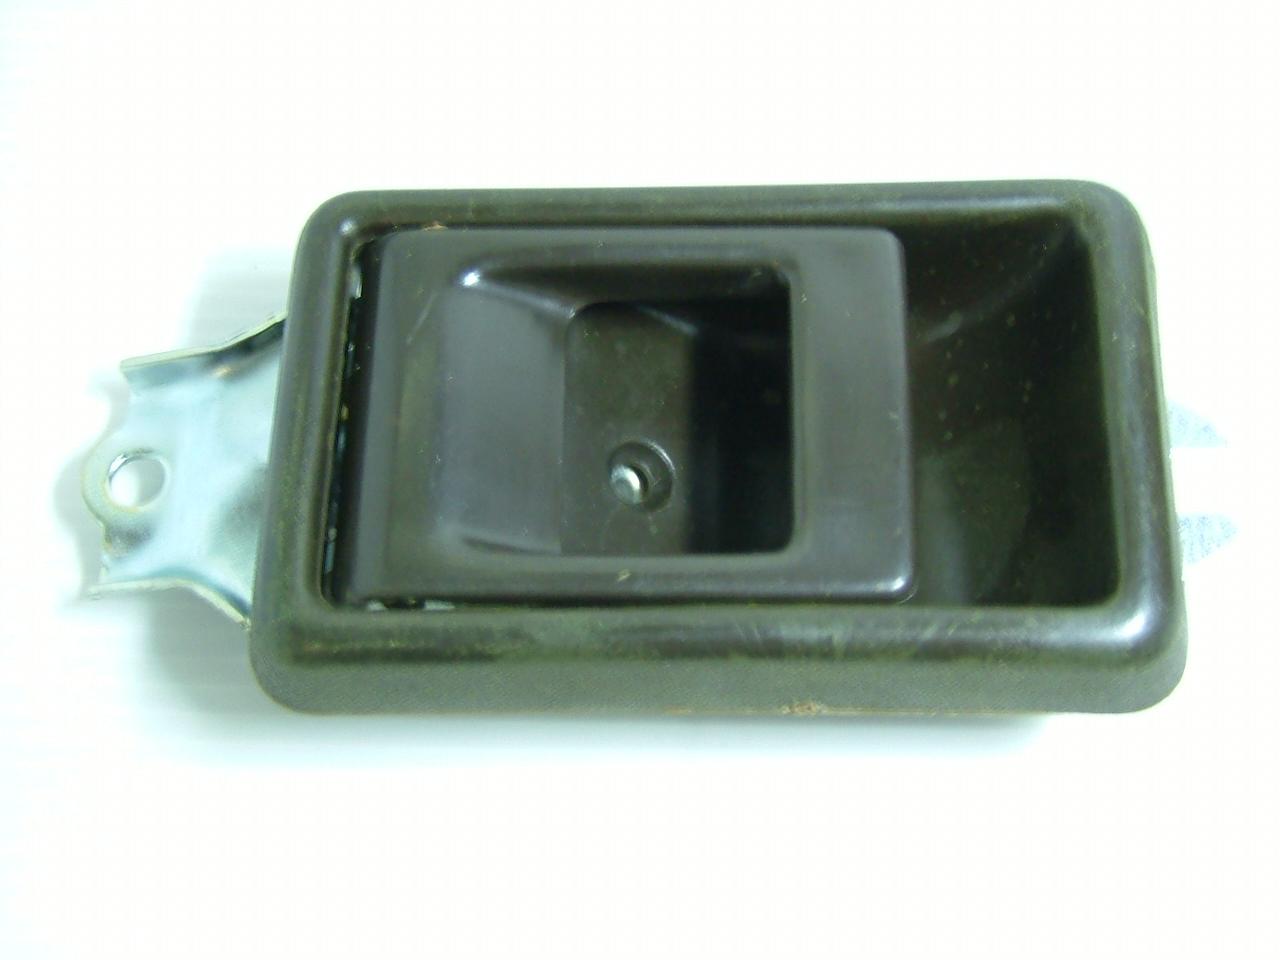 มือเปิดประตูอันใน HINO FB-FM-KM / สีน้ำตาล / LH (1806004)